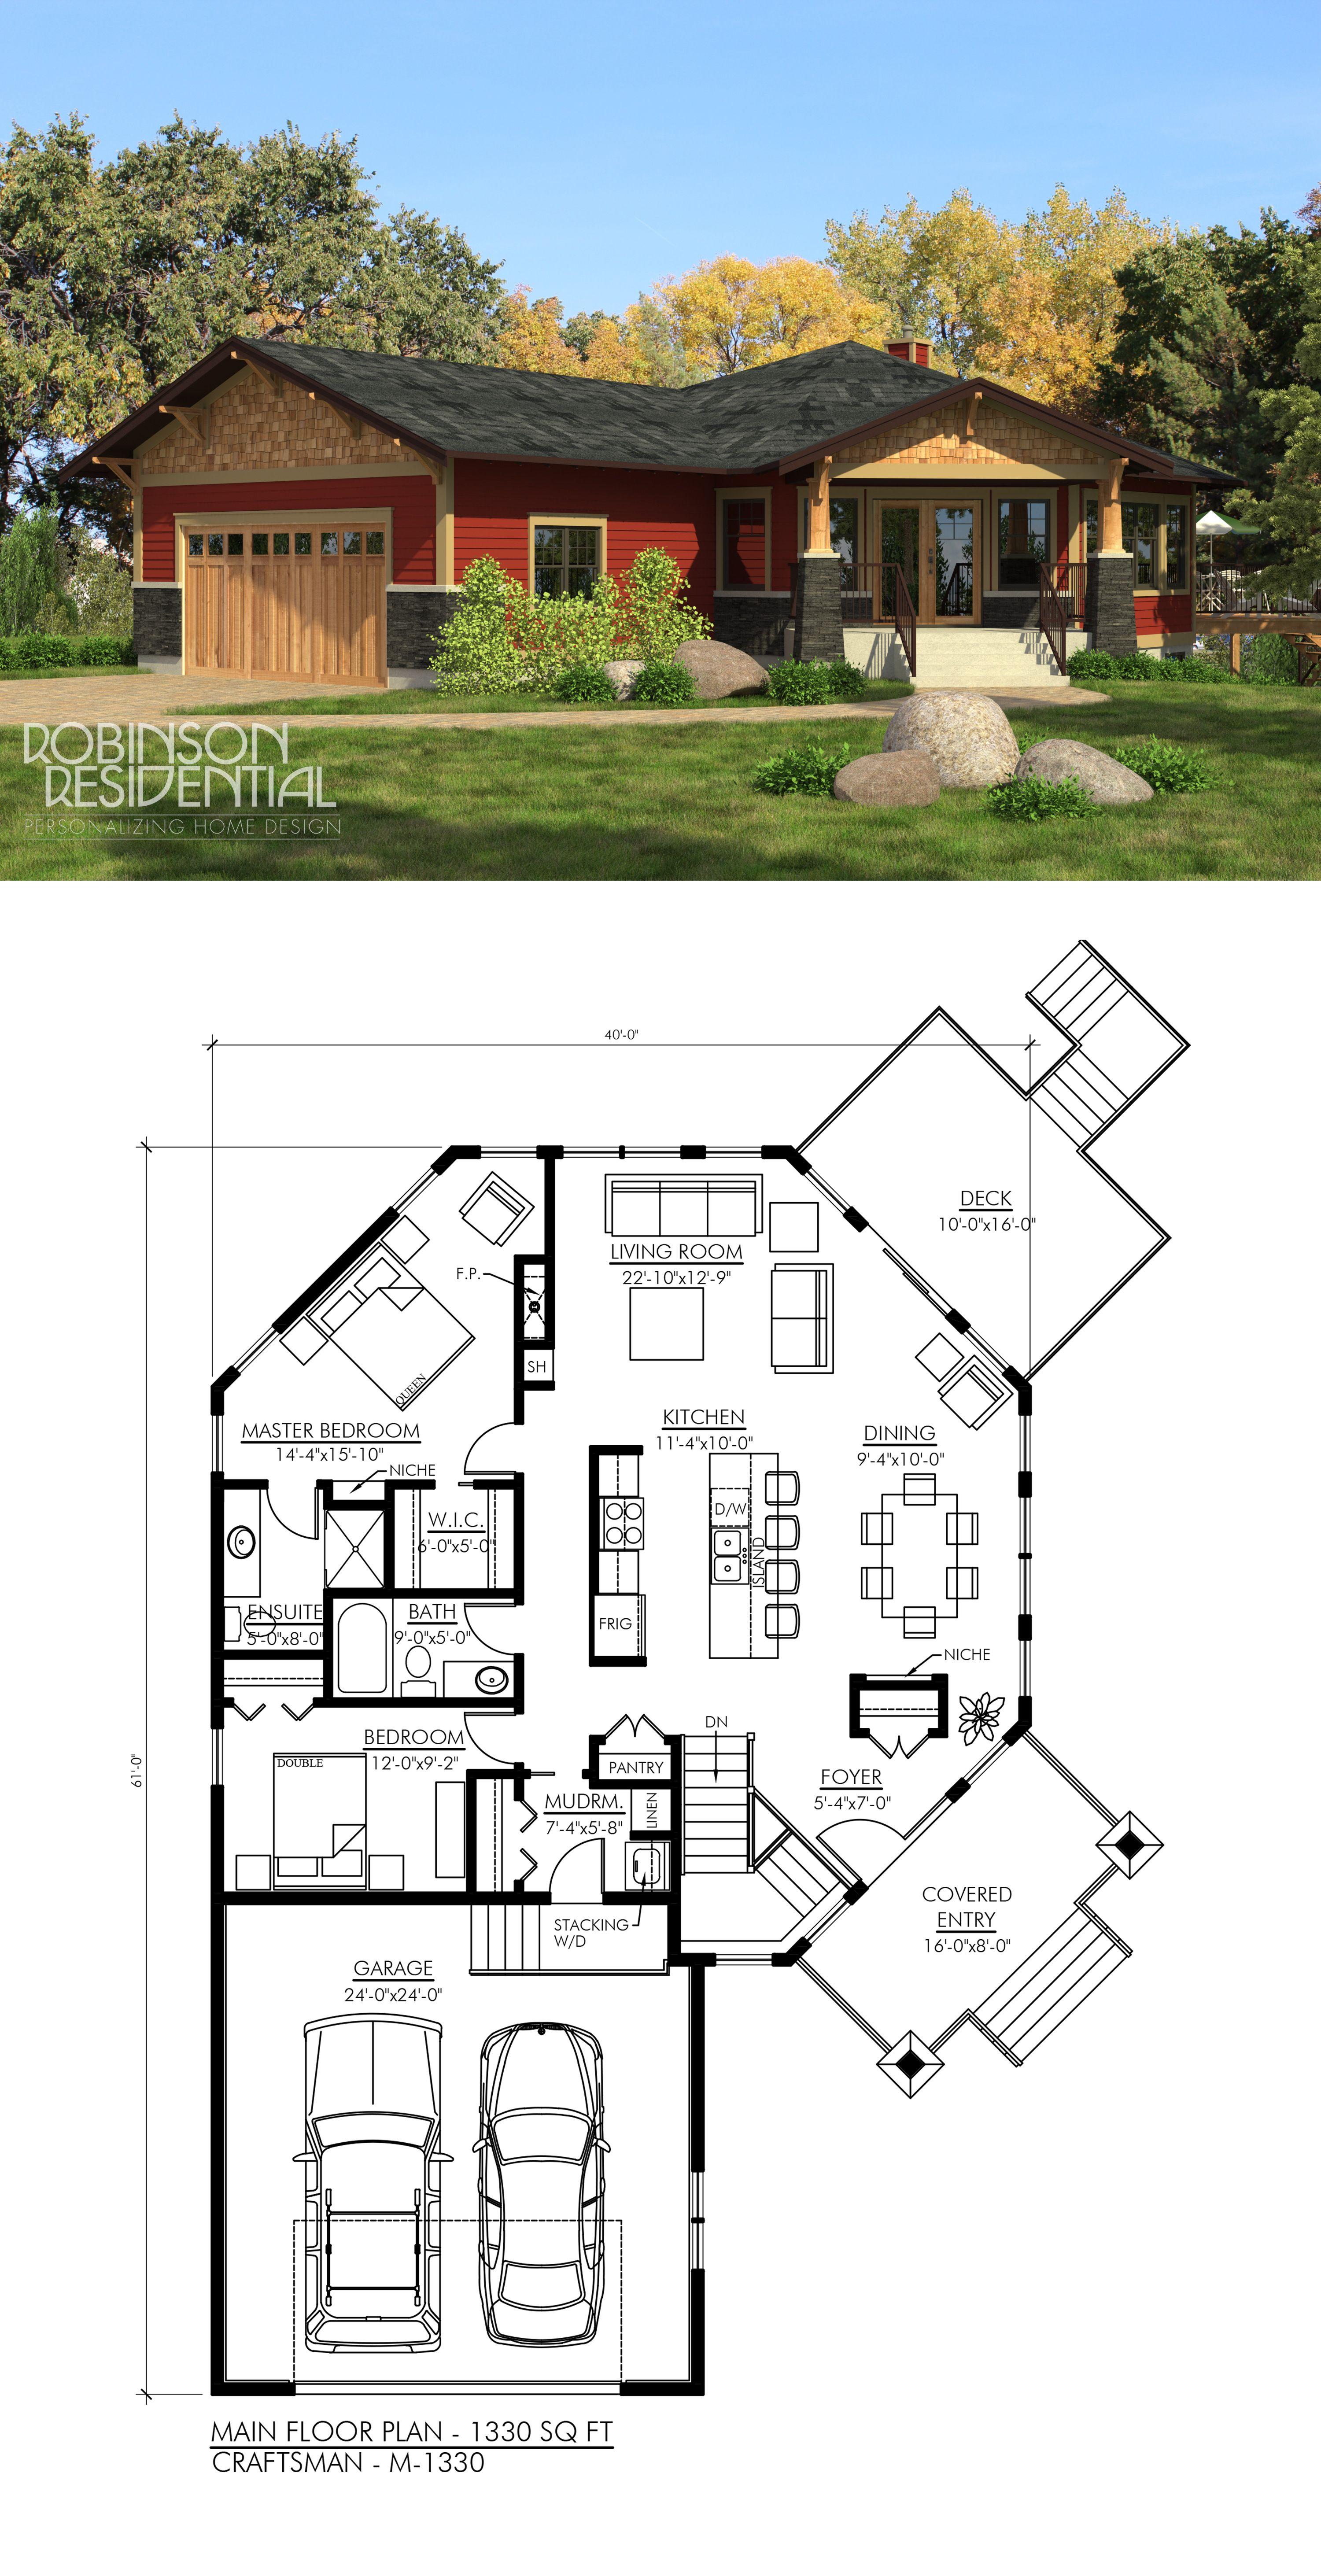 Craftsman M 1327 Robinson Plans Dream House Plans Craftsman House House Blueprints